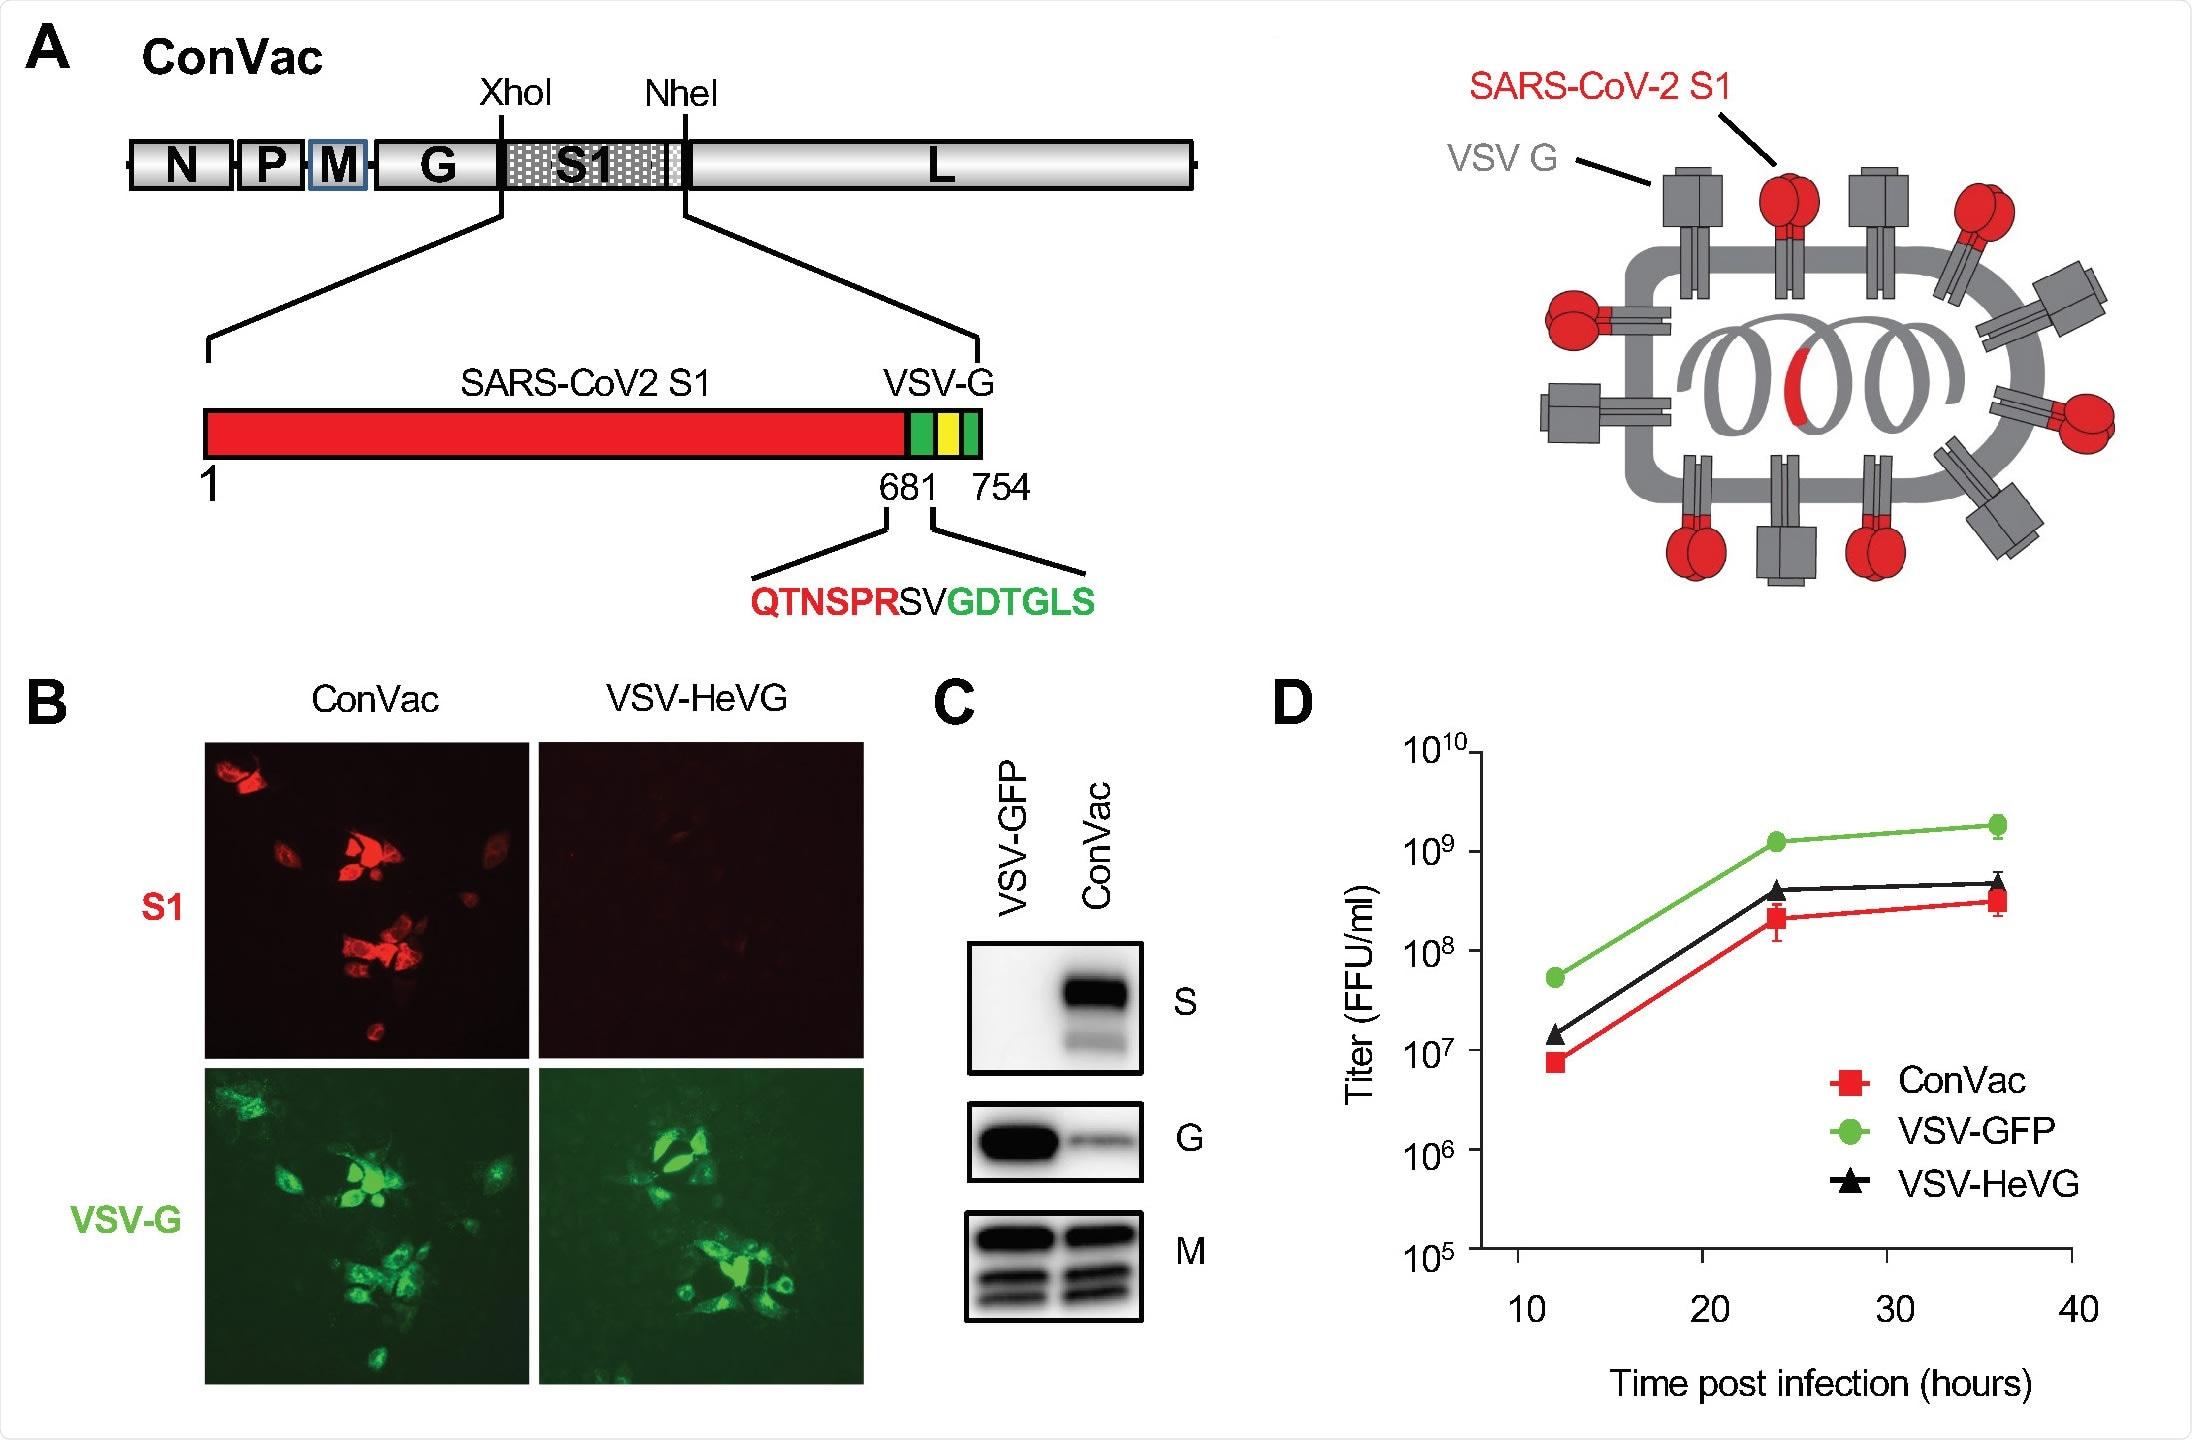 Geração e caracterização de ConVac. (a) Esquerda: a estrutura do genoma do vector de VSV que expressa a membrana ancorou o domínio de SARS-CoV2 S1. O domínio S1 da proteína do ponto SARS-CoV2 (aa 1-681) foi juntado ao Cterminal 70 ácidos aminados da glicoproteína de VSV. A construção da fusão foi introduzida entre a glicoproteína e os genes da polimerase de VSV. O domínio S1 é mostrado no vermelho e na cauda de VSV G no verde. O domínio da transmembrana da glicoproteína de VSV é indicado por uma caixa amarela. Os ácidos aminados na junção entre o S1 e a glicoproteína de VSV são destacados. Direito: a representação esquemática da construção vacinal que mostra as duas proteínas da transmembrana ancorou na membrana. (b) Mancha da imunofluorescência das pilhas de Vero E6 contaminadas com ConVac e de um vírus do controle que expressa o vírus G de Hendra (VSV-HeVG). As pilhas eram fixas e permeabilized 10 horas após a infecção e manchadas com o anticorpo monoclonal fluorescente etiquetado CR3022 contra o domínio S1 (mostrado no vermelho) e os dois anticorpos monoclonais contra a glicoproteína de VSV (mostrada no verde). (c) Análise ocidental da mancha das pilhas de BSR contaminadas com Convac e de um vírus do controle VSV que expressa GFP. Os lysates da proteína eram resolved em 4-20% geles do inclinação do polyacrylamide e foram transferidos às membranas da nitrocelulose. As membranas foram sondadas com anti-soro polyclonal contra o domínio S1 (painel superior), os anticorpos monoclonais contra a glicoproteína de VSV (painel médio) e um anticorpo monoclonal contra a proteína da matriz de VSV (mais baixo painel). A expressão da glicoproteína de VSV foi reduzida significativamente nas pilhas contaminadas com ConVac visto que a expressão da proteína da matriz foi afectada somente modesta. (d) Curva de crescimento viral em pilhas de Vero. As pilhas foram contaminadas em um MOI de 0,05 PFU com ConVac, ou em VSV que expressam GFP ou em um outro vírus do controle que expressa a